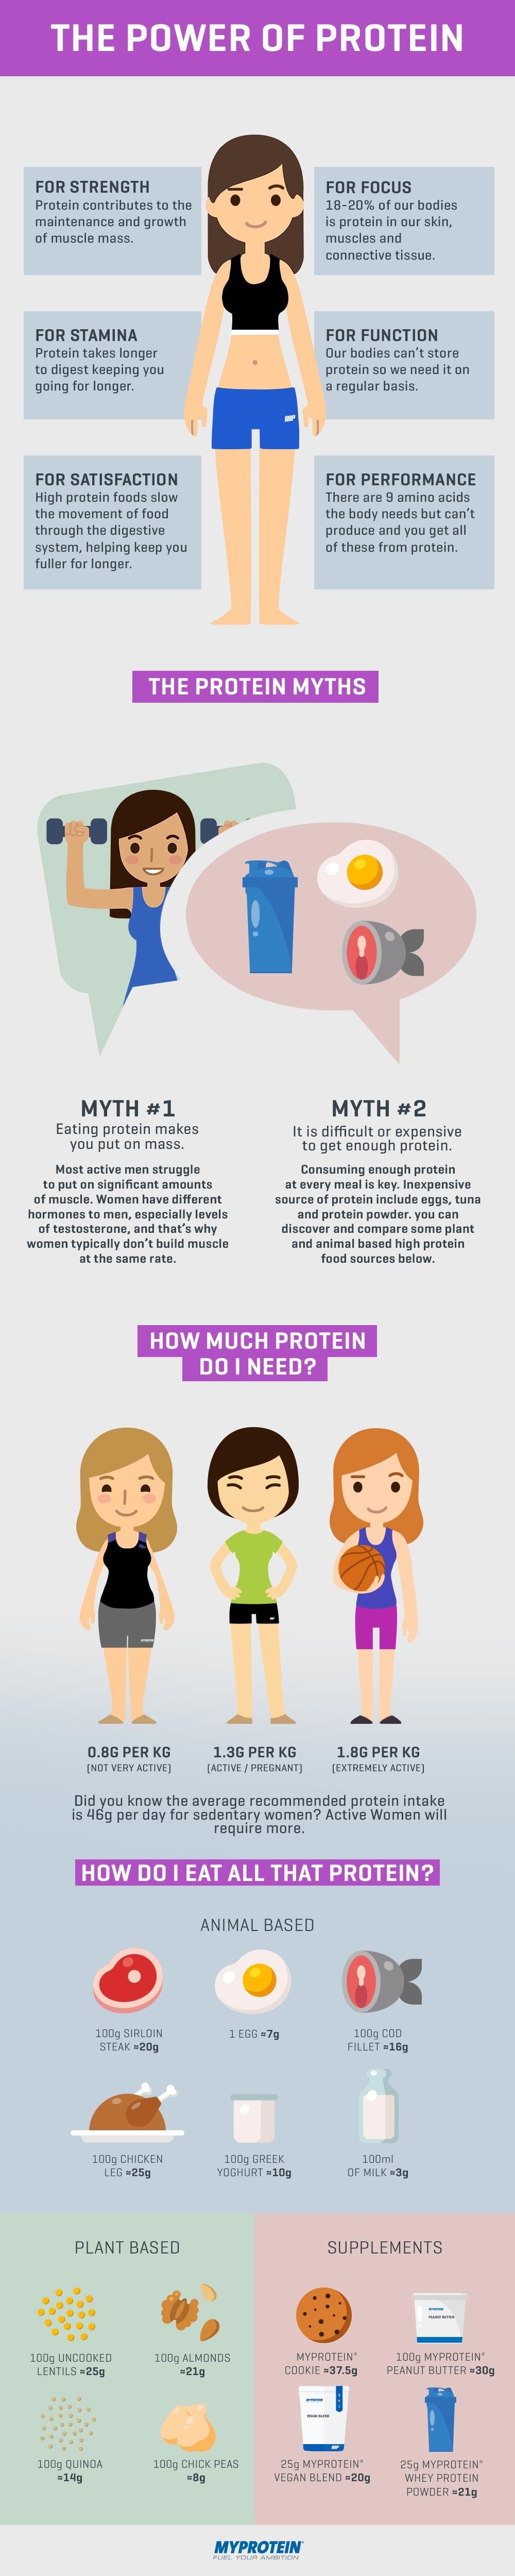 proteinpower